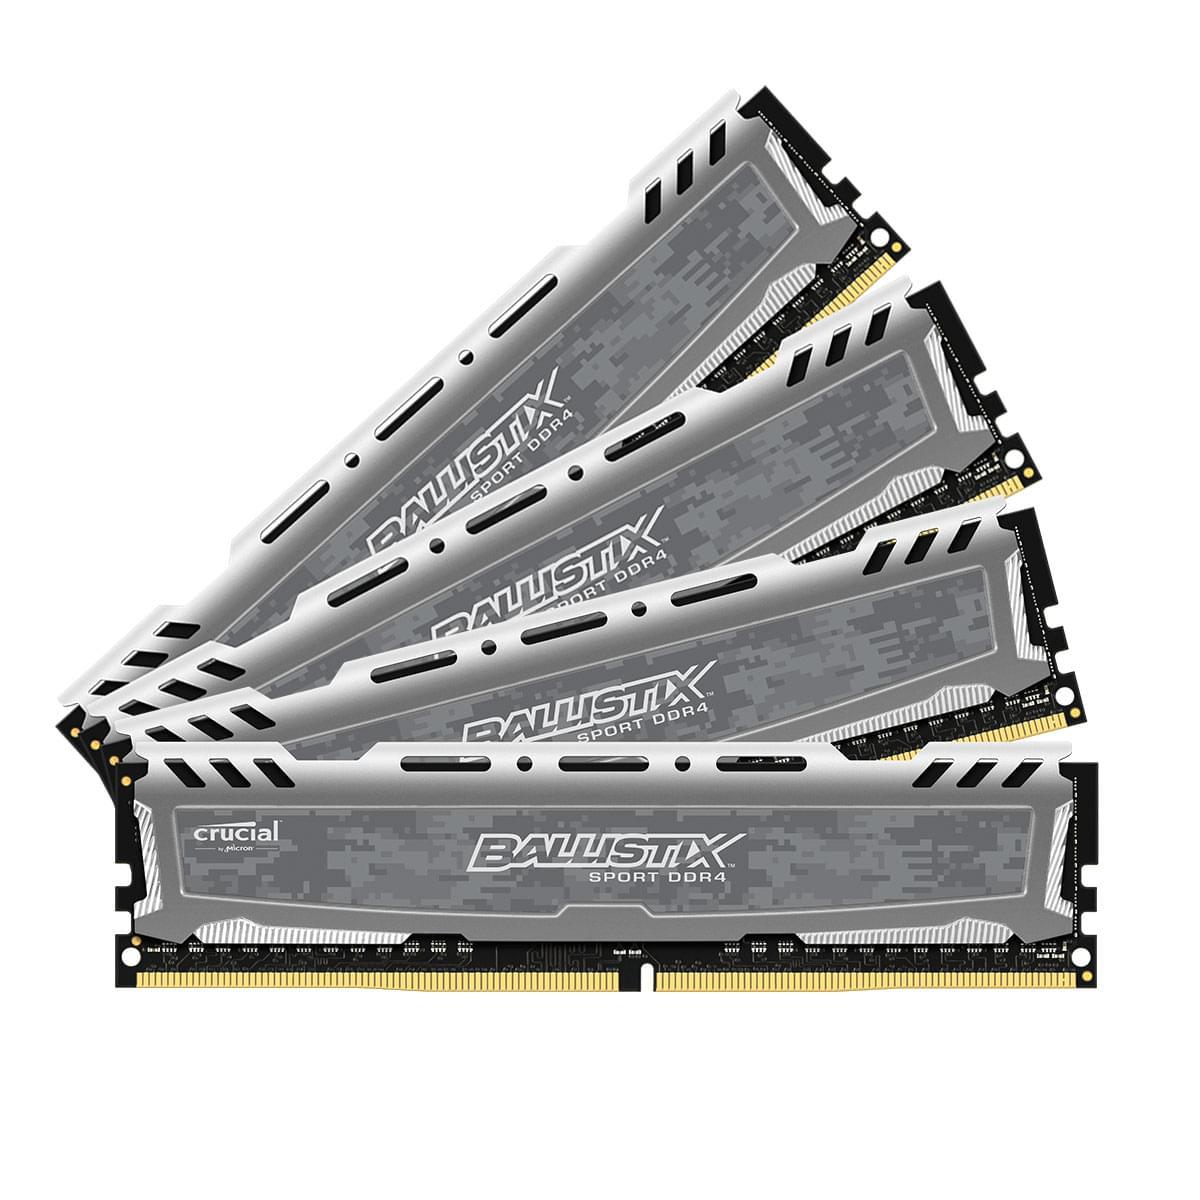 Ballistix BLS4C4G4D240FSB (4x4Go DDR4 2400 PC19200) (BLS4C4G4D240FSB soldé) - Achat / Vente Mémoire PC sur Cybertek.fr - 0